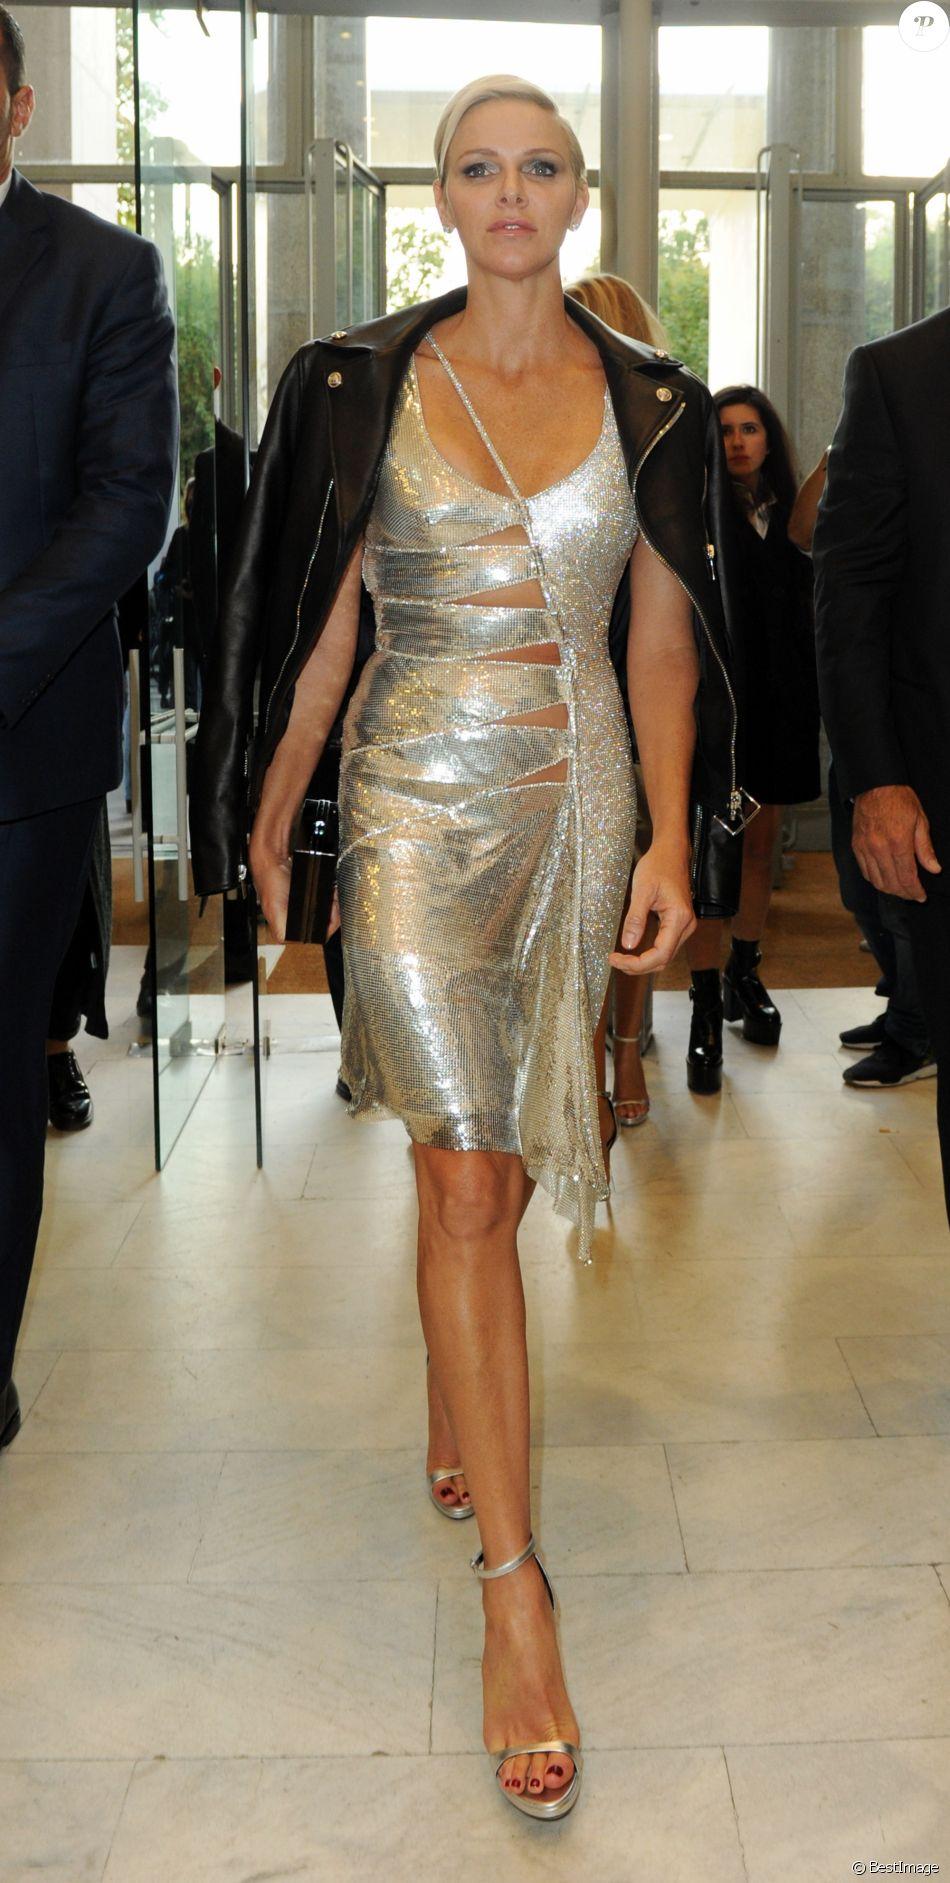 La princesse Charlene de Monaco arrivant au défilé de mode printemps-été 2018 Versace lors de la fashion week de Milan le 22 septembre 2017